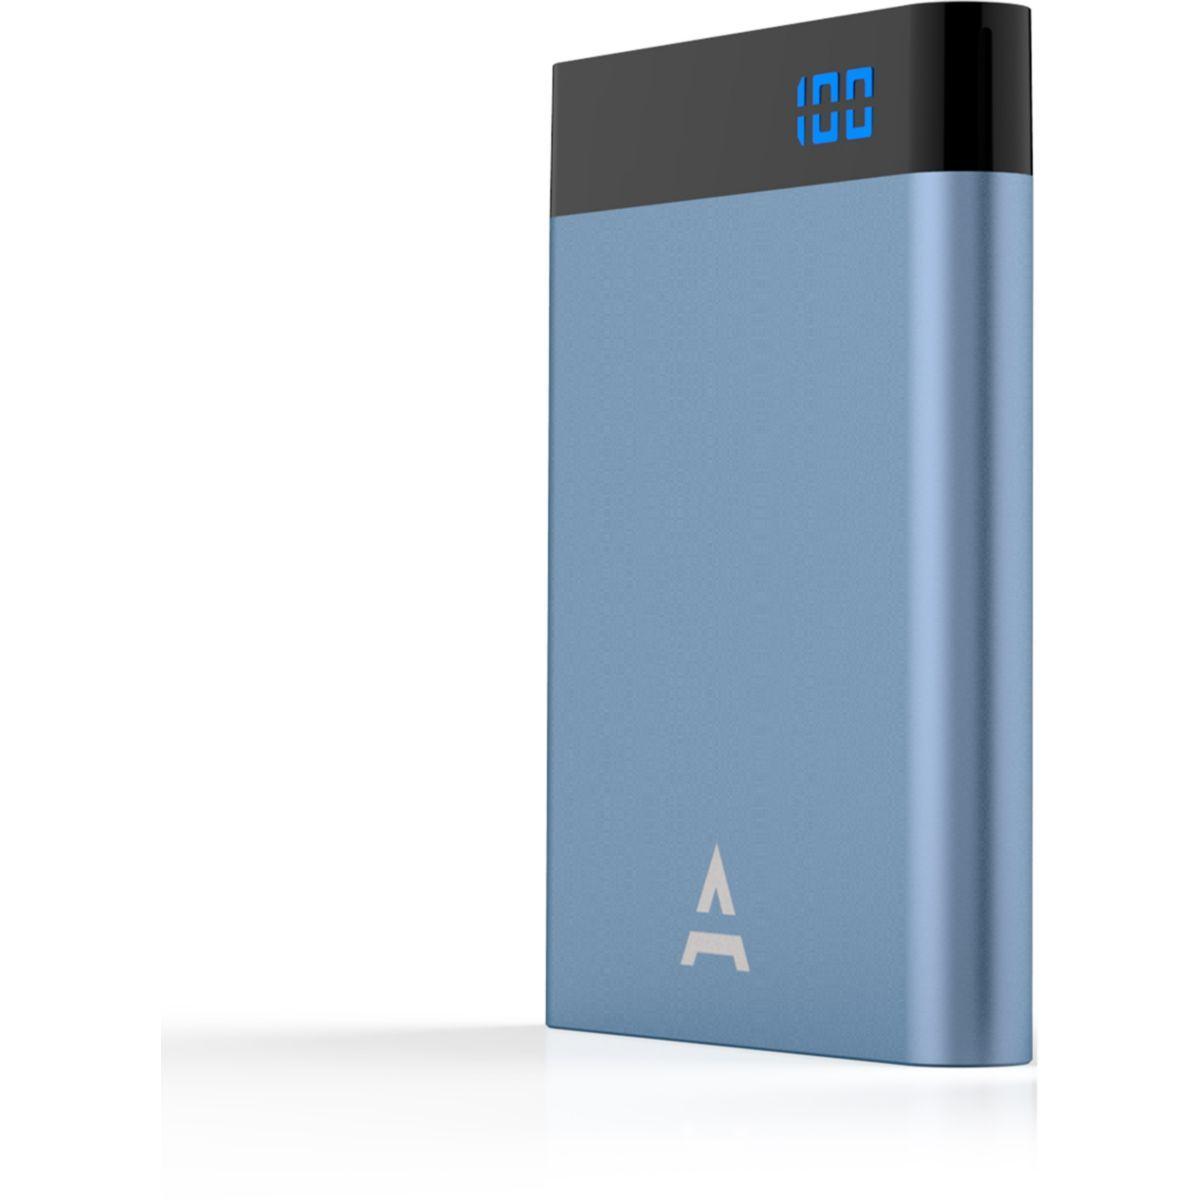 Batterie externe adeqwat 4000 mah bleu (photo)